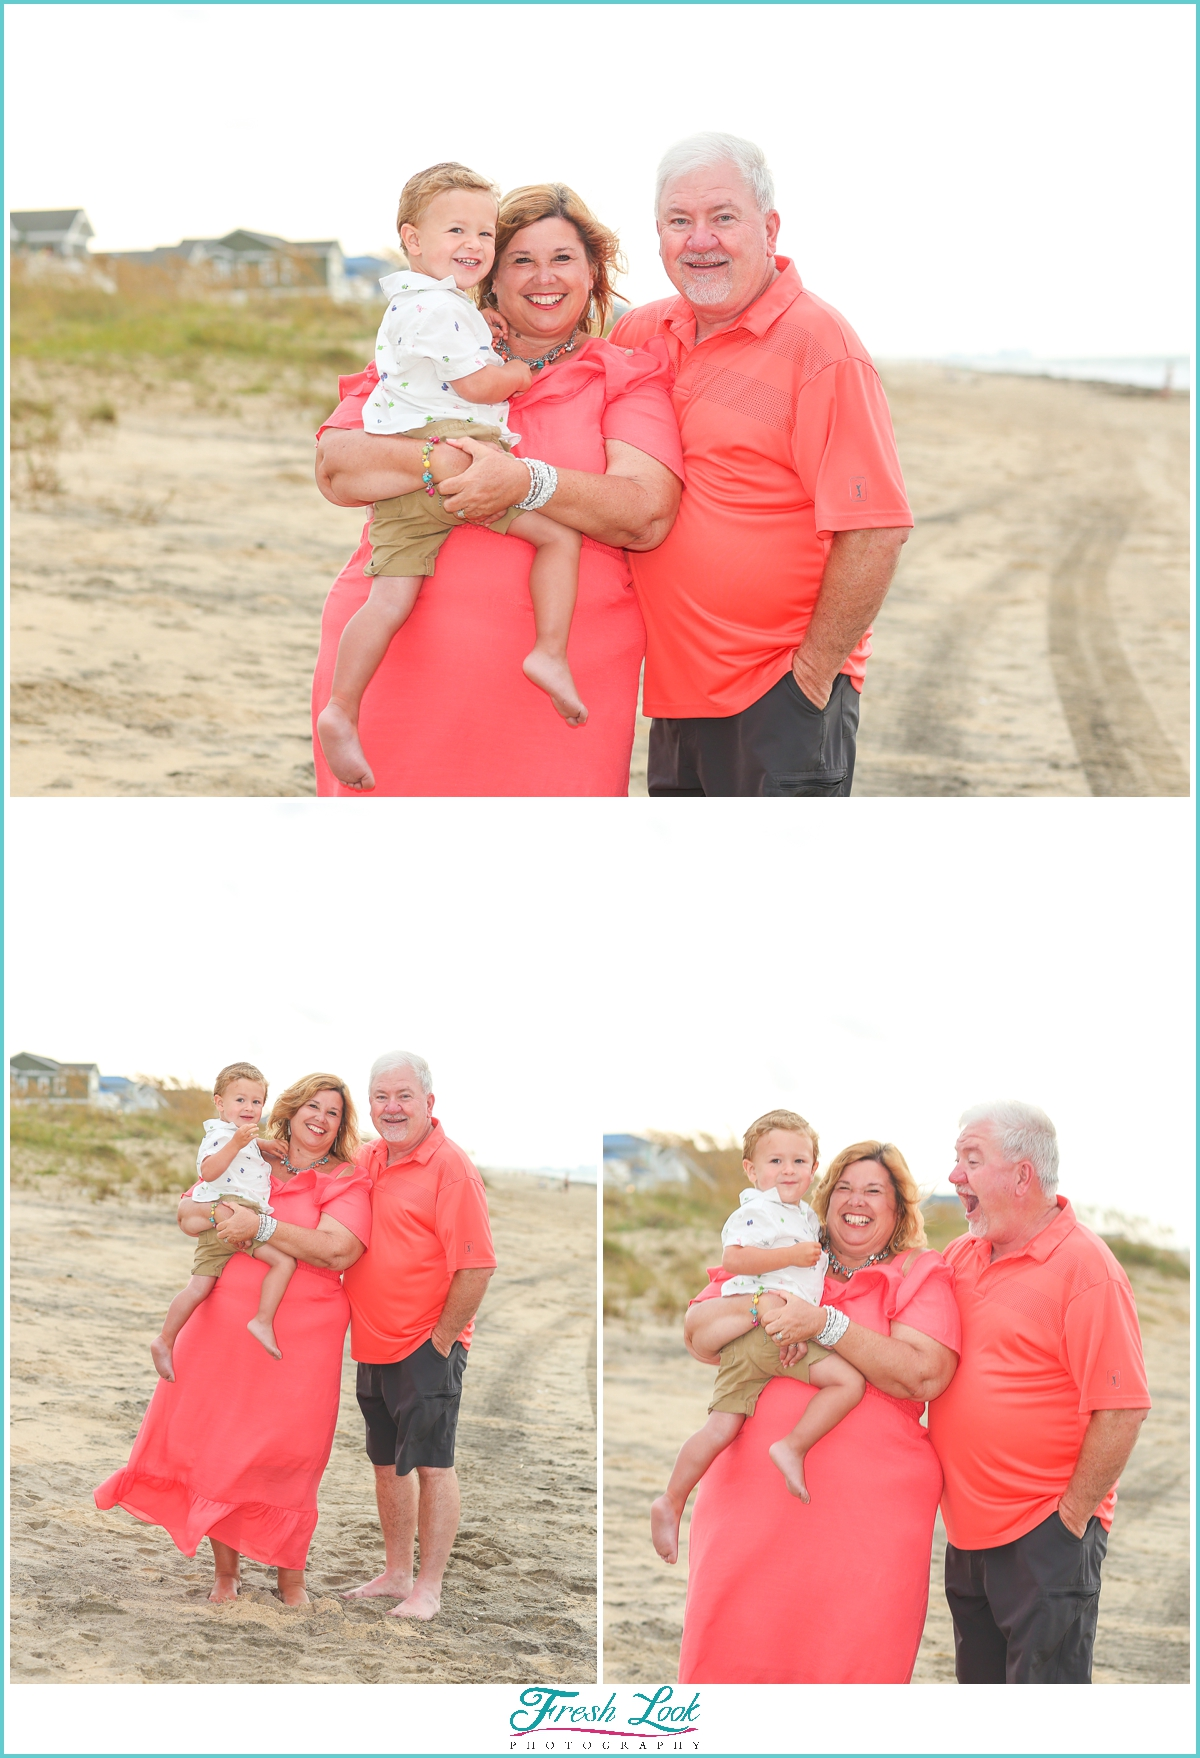 nana and papa with their grandbaby